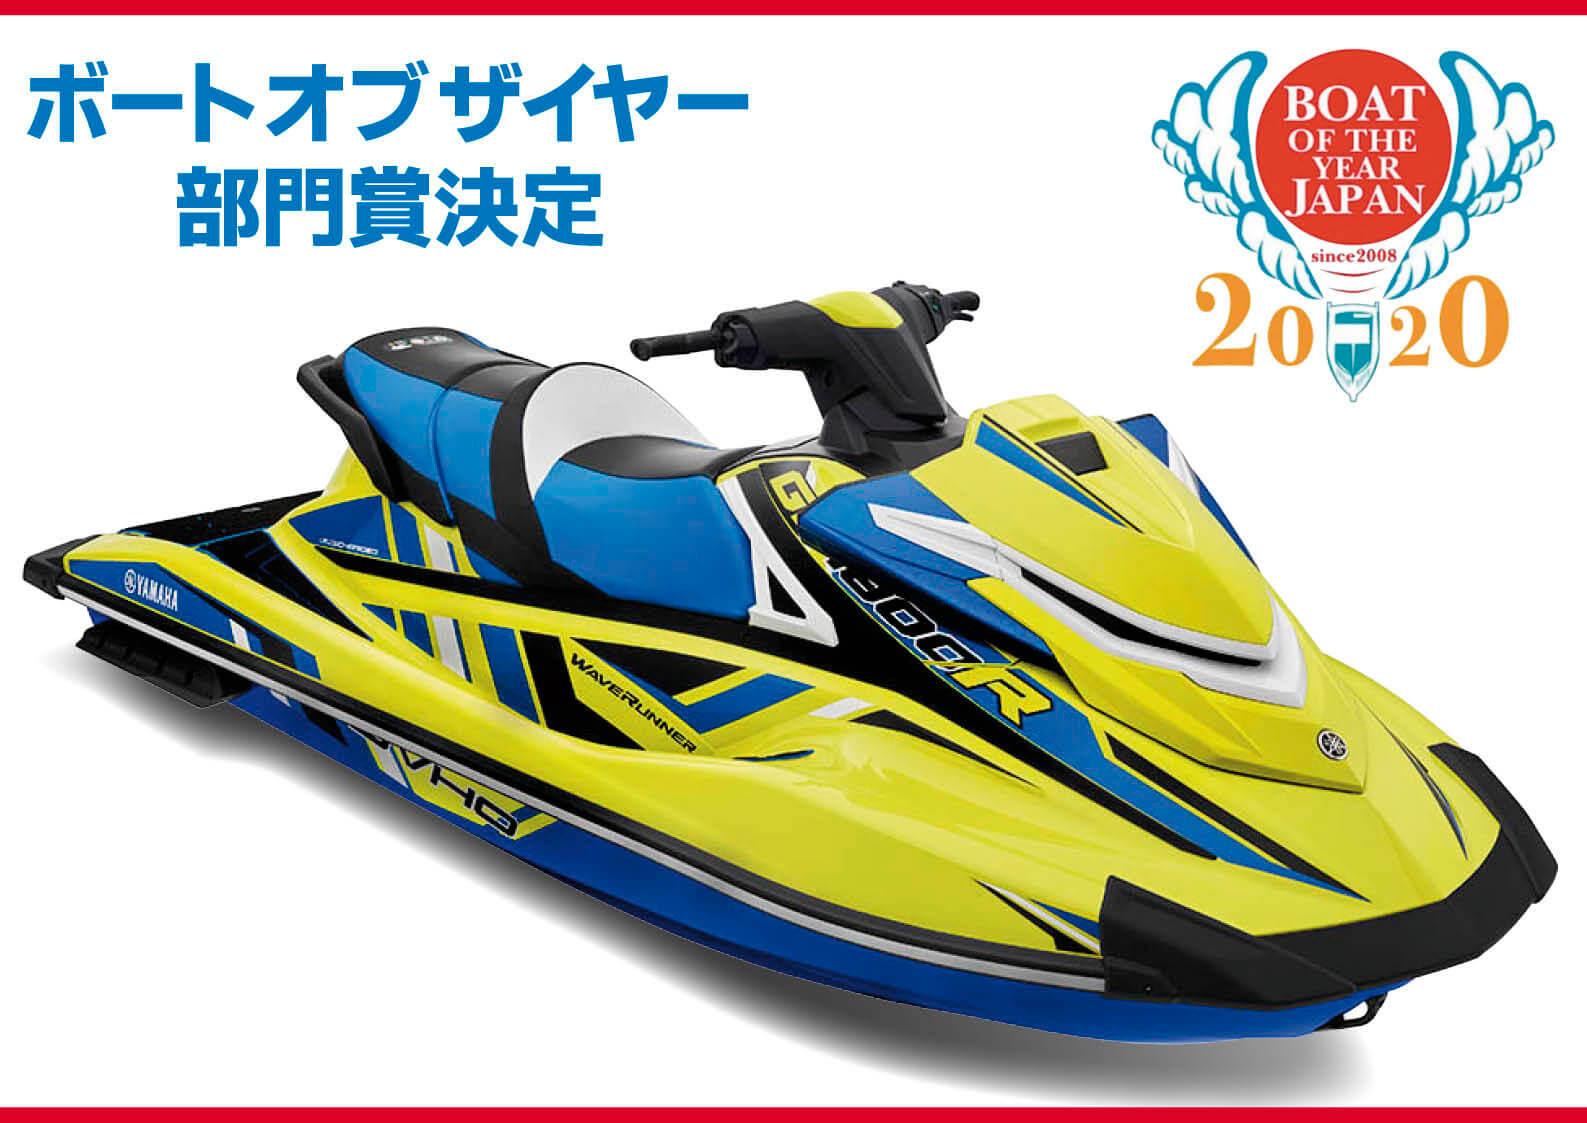 日本・ボート・オブ・ザ・イヤー2020 2020年に発売された最も優れたボート・7つの部門賞が決定しました ジェットスキー(水上バイク)